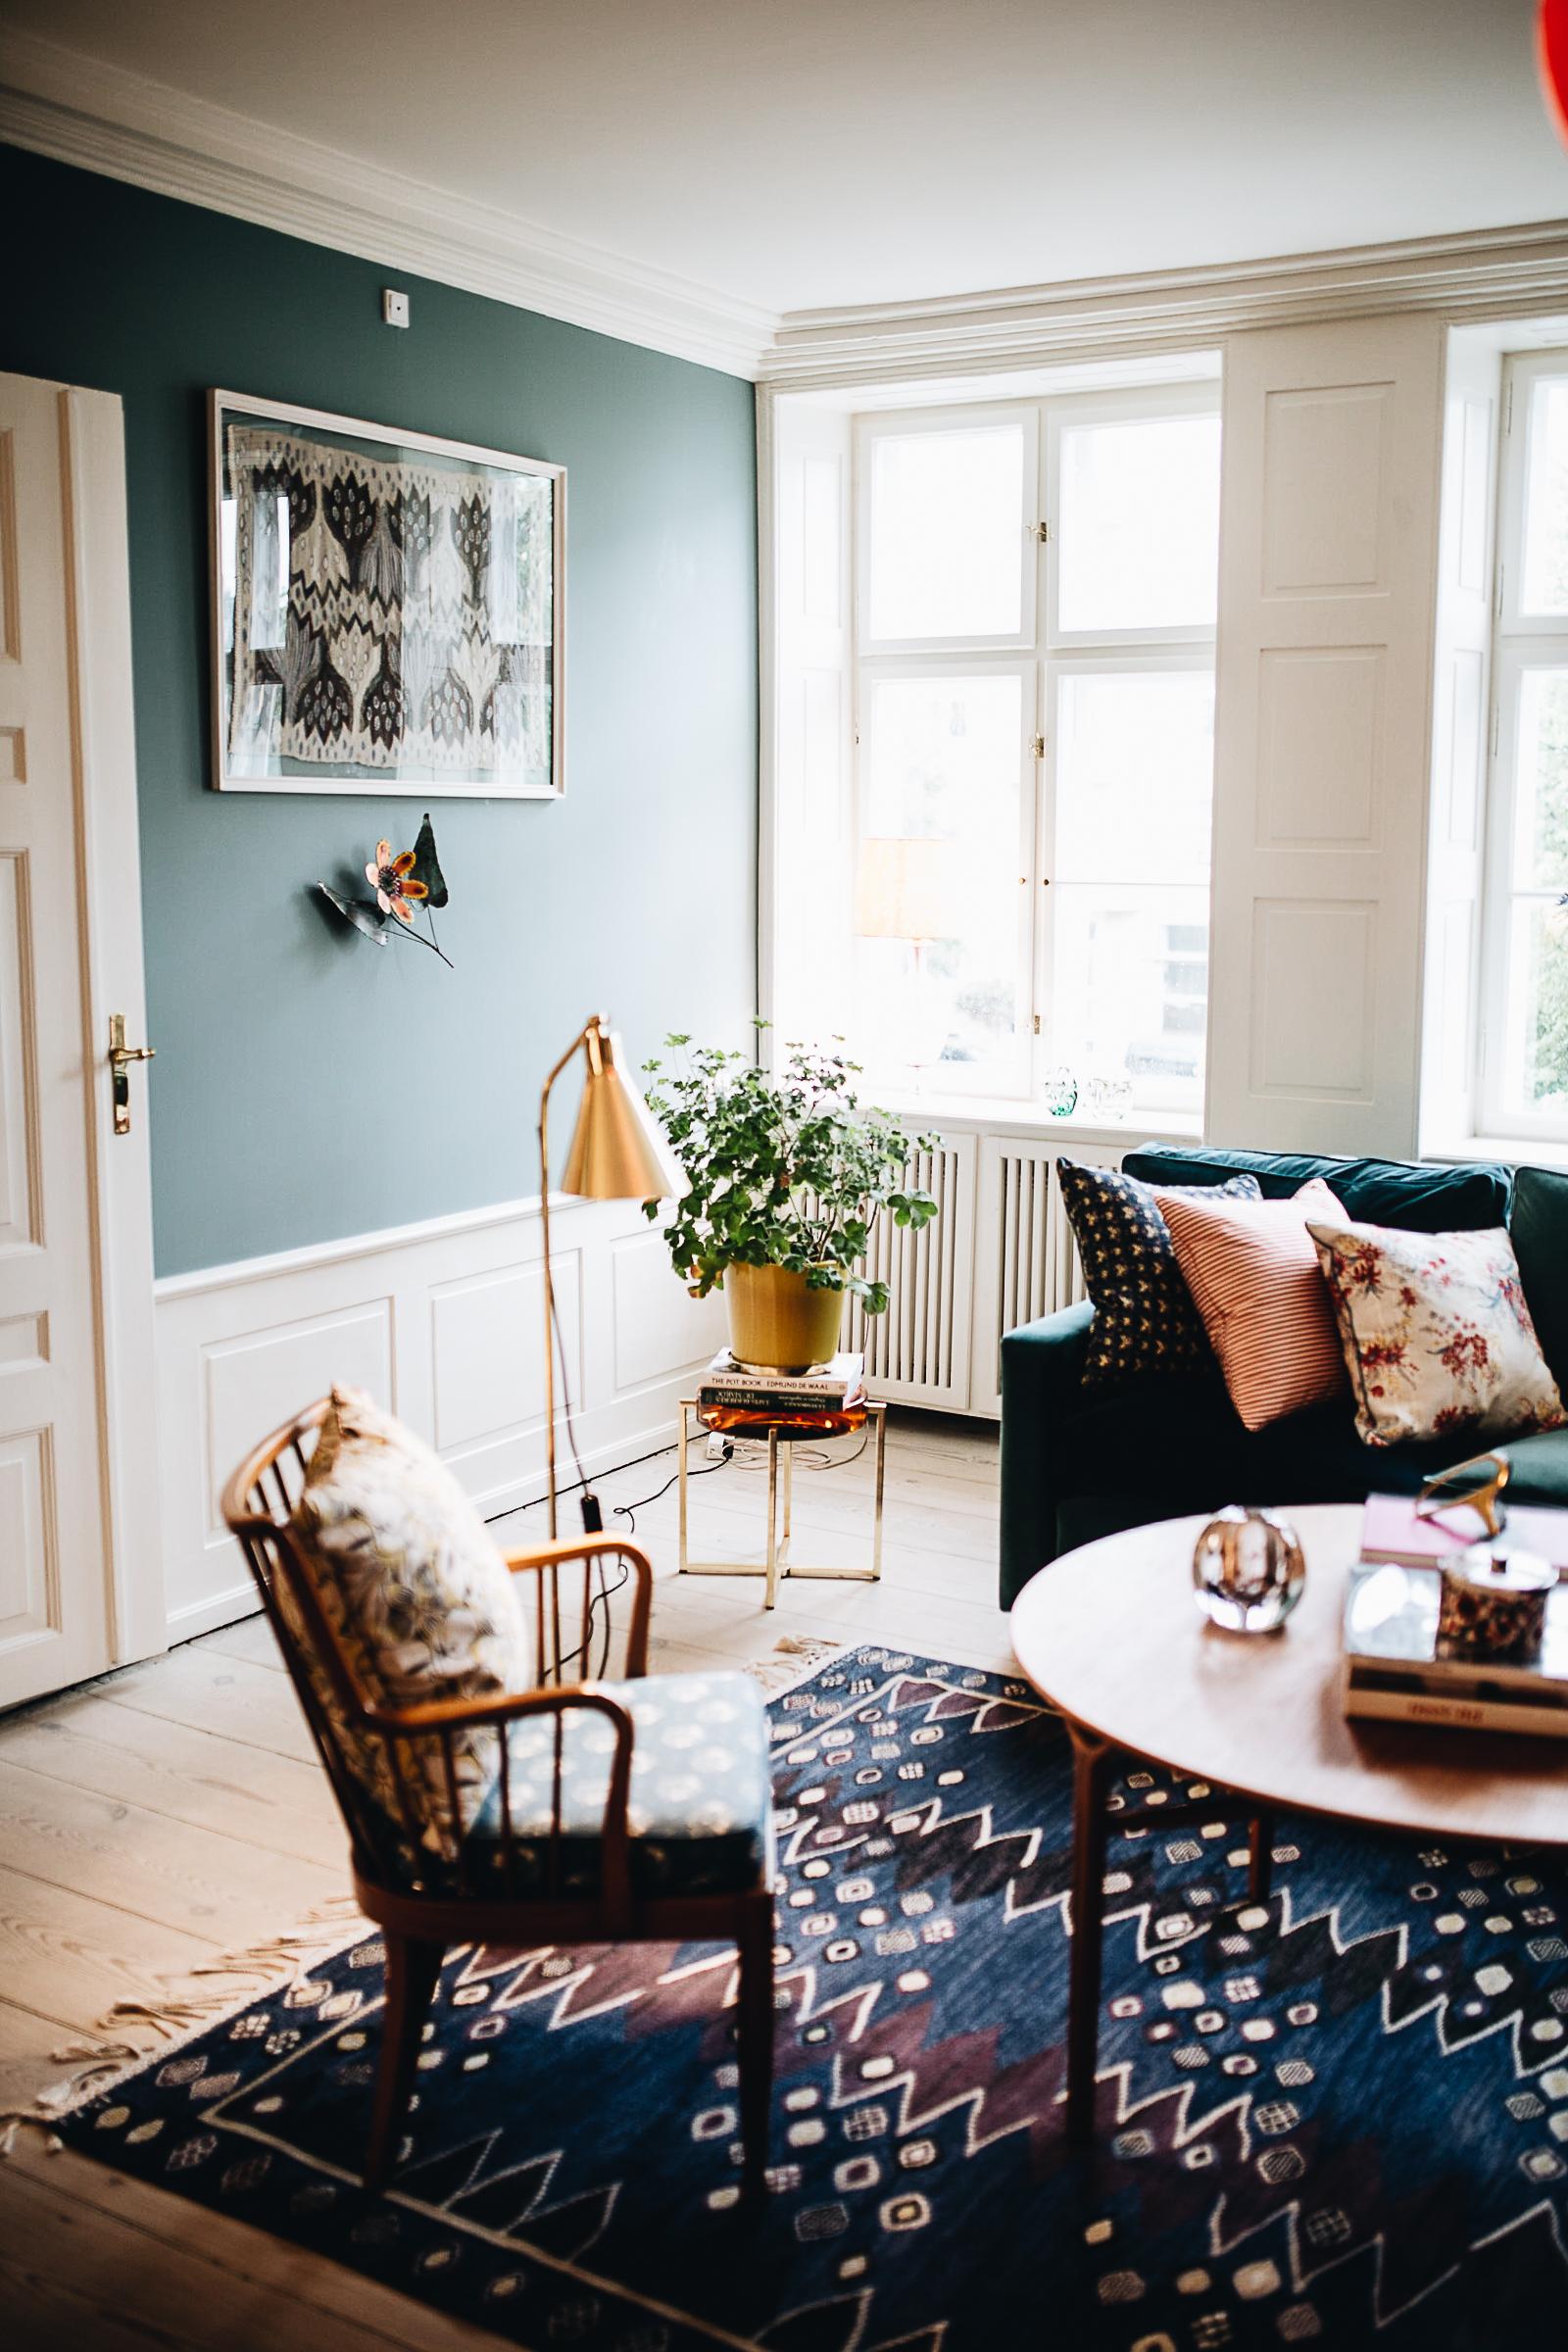 The Apartment  Overgaden neden Vandet 33, 1st floor  1414 Copenhagen K  Denmark